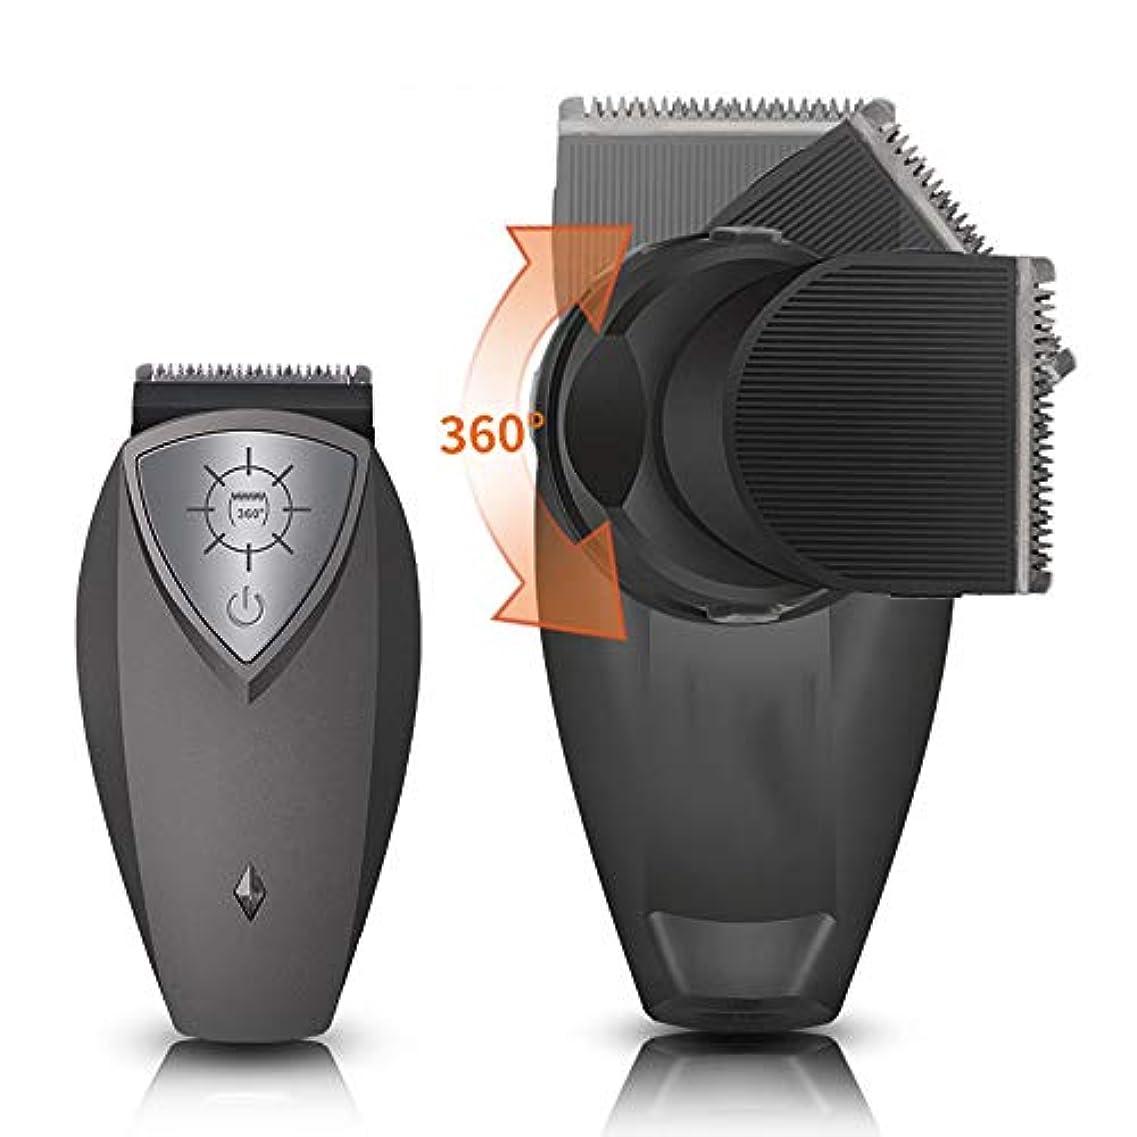 勘違いする病な後退するプロのヘアトリマー360度回転剃っメンズ電気バリカンセルフサービスシェーバー用のUSB充電